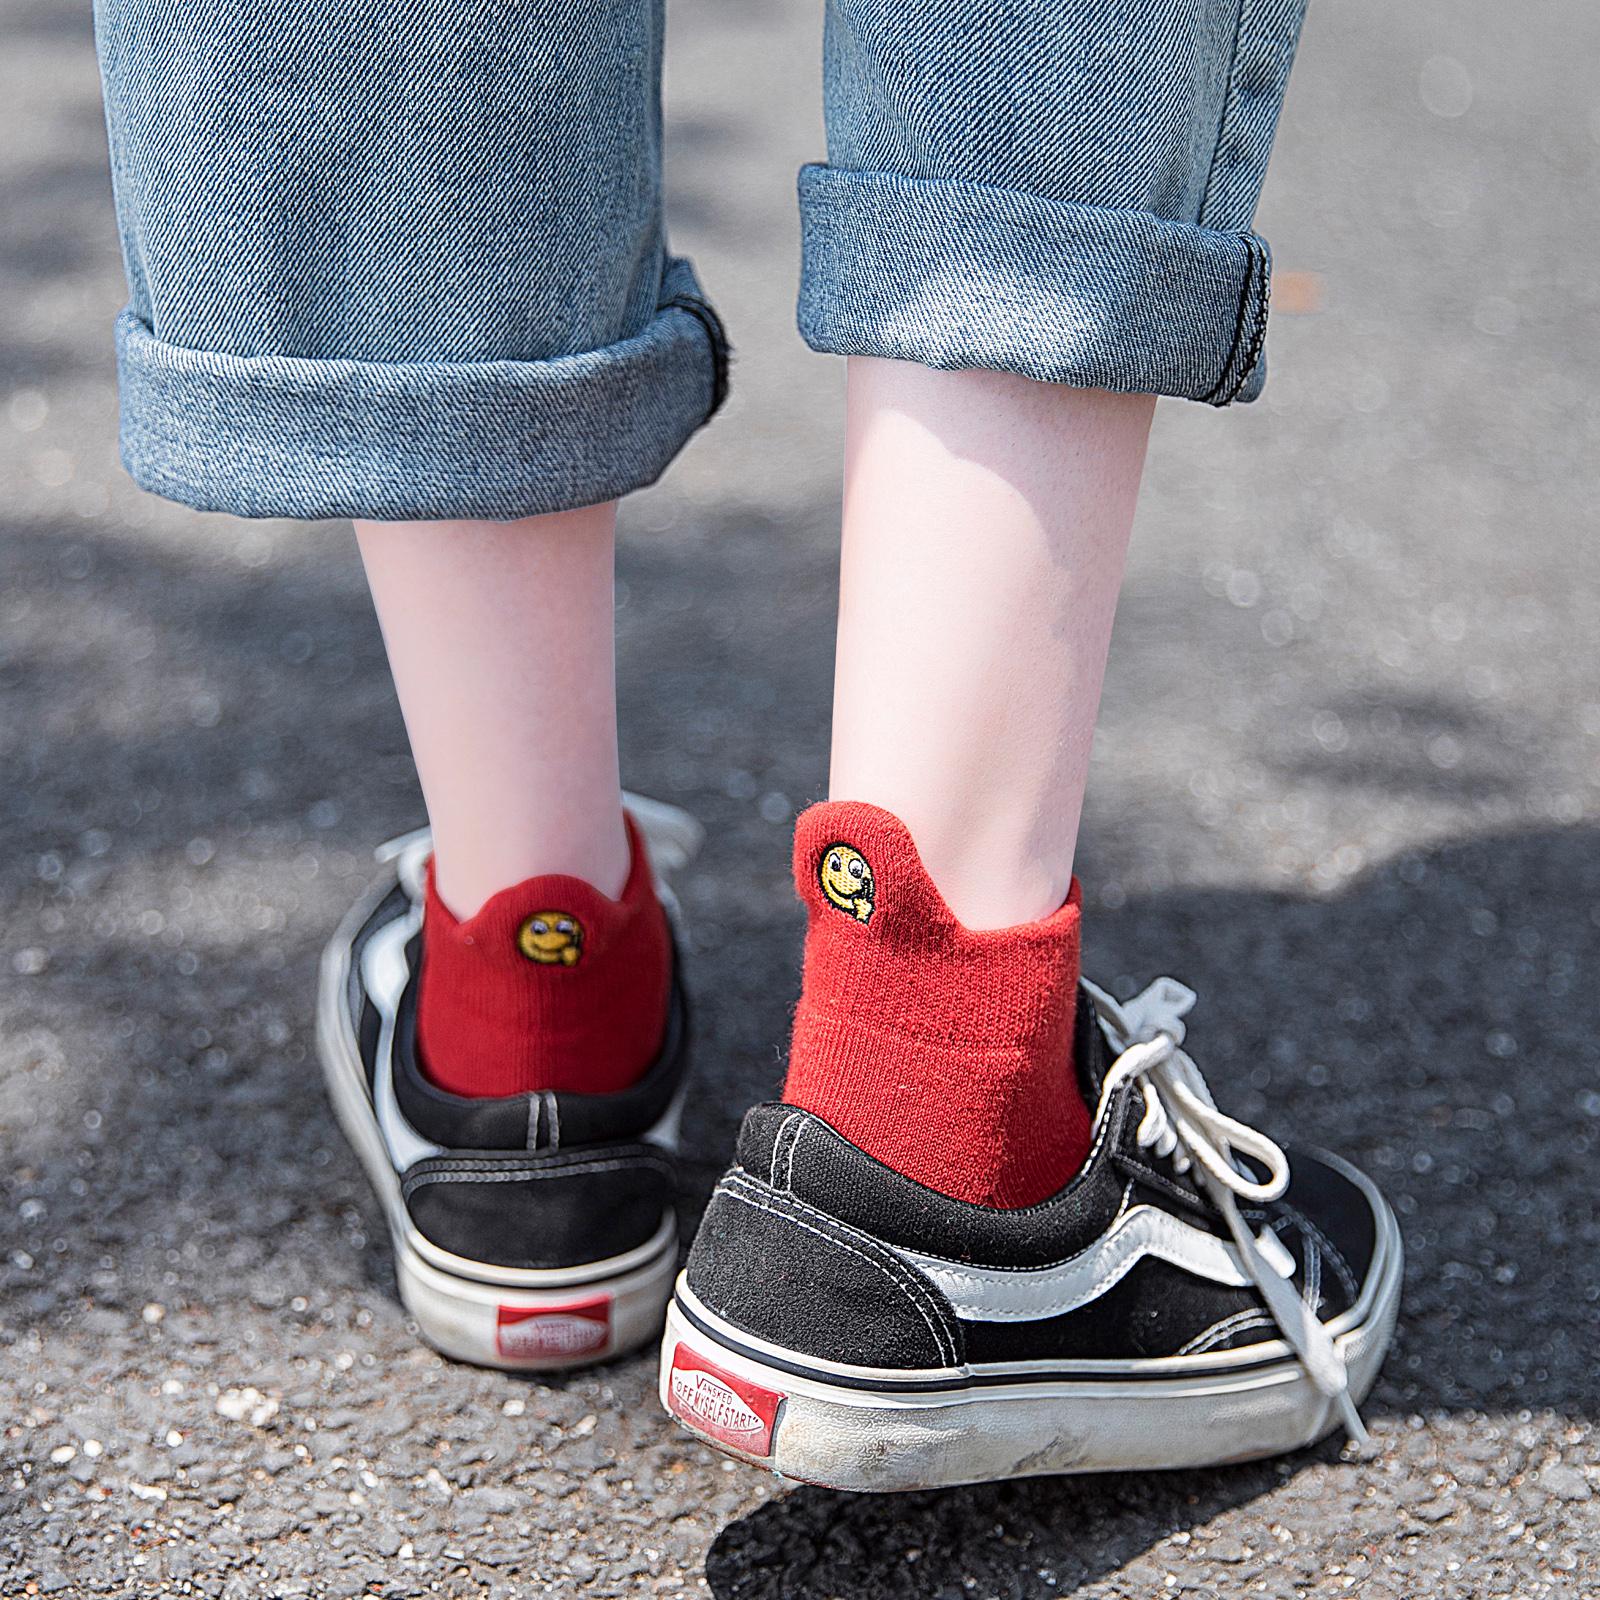 秋季袜子女短袜韩国可爱中筒袜韩版学院风搞怪防臭吸汗纯棉毛巾袜